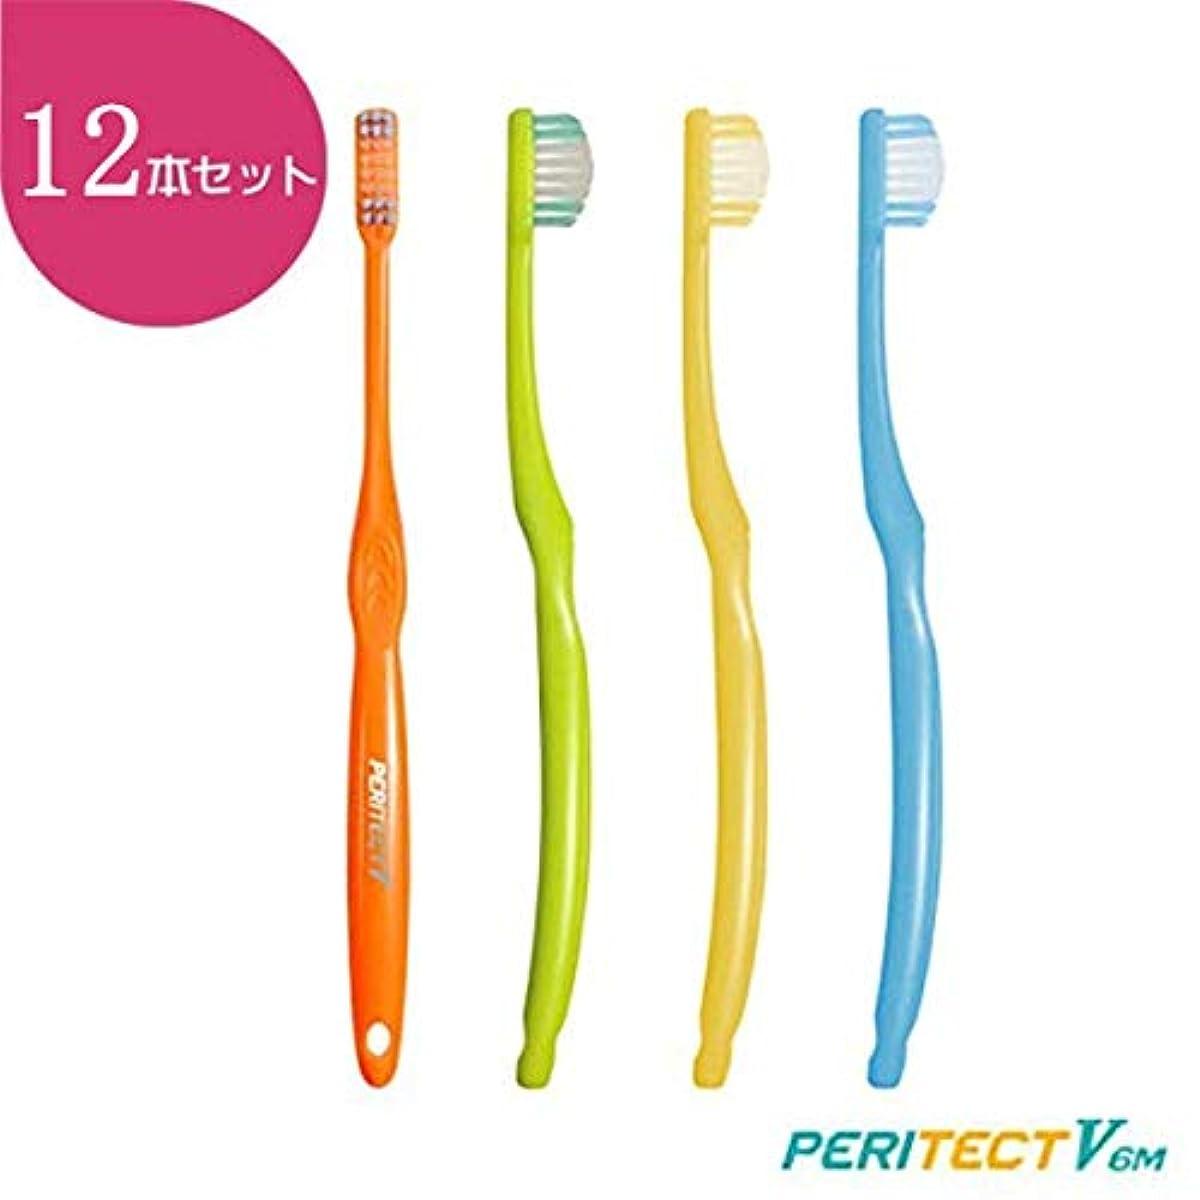 さようならうねる何よりもビーブランド PERITECT V ペリテクト ブイ 6M(やわらかめ)×12本 歯ブラシ 歯科専売品